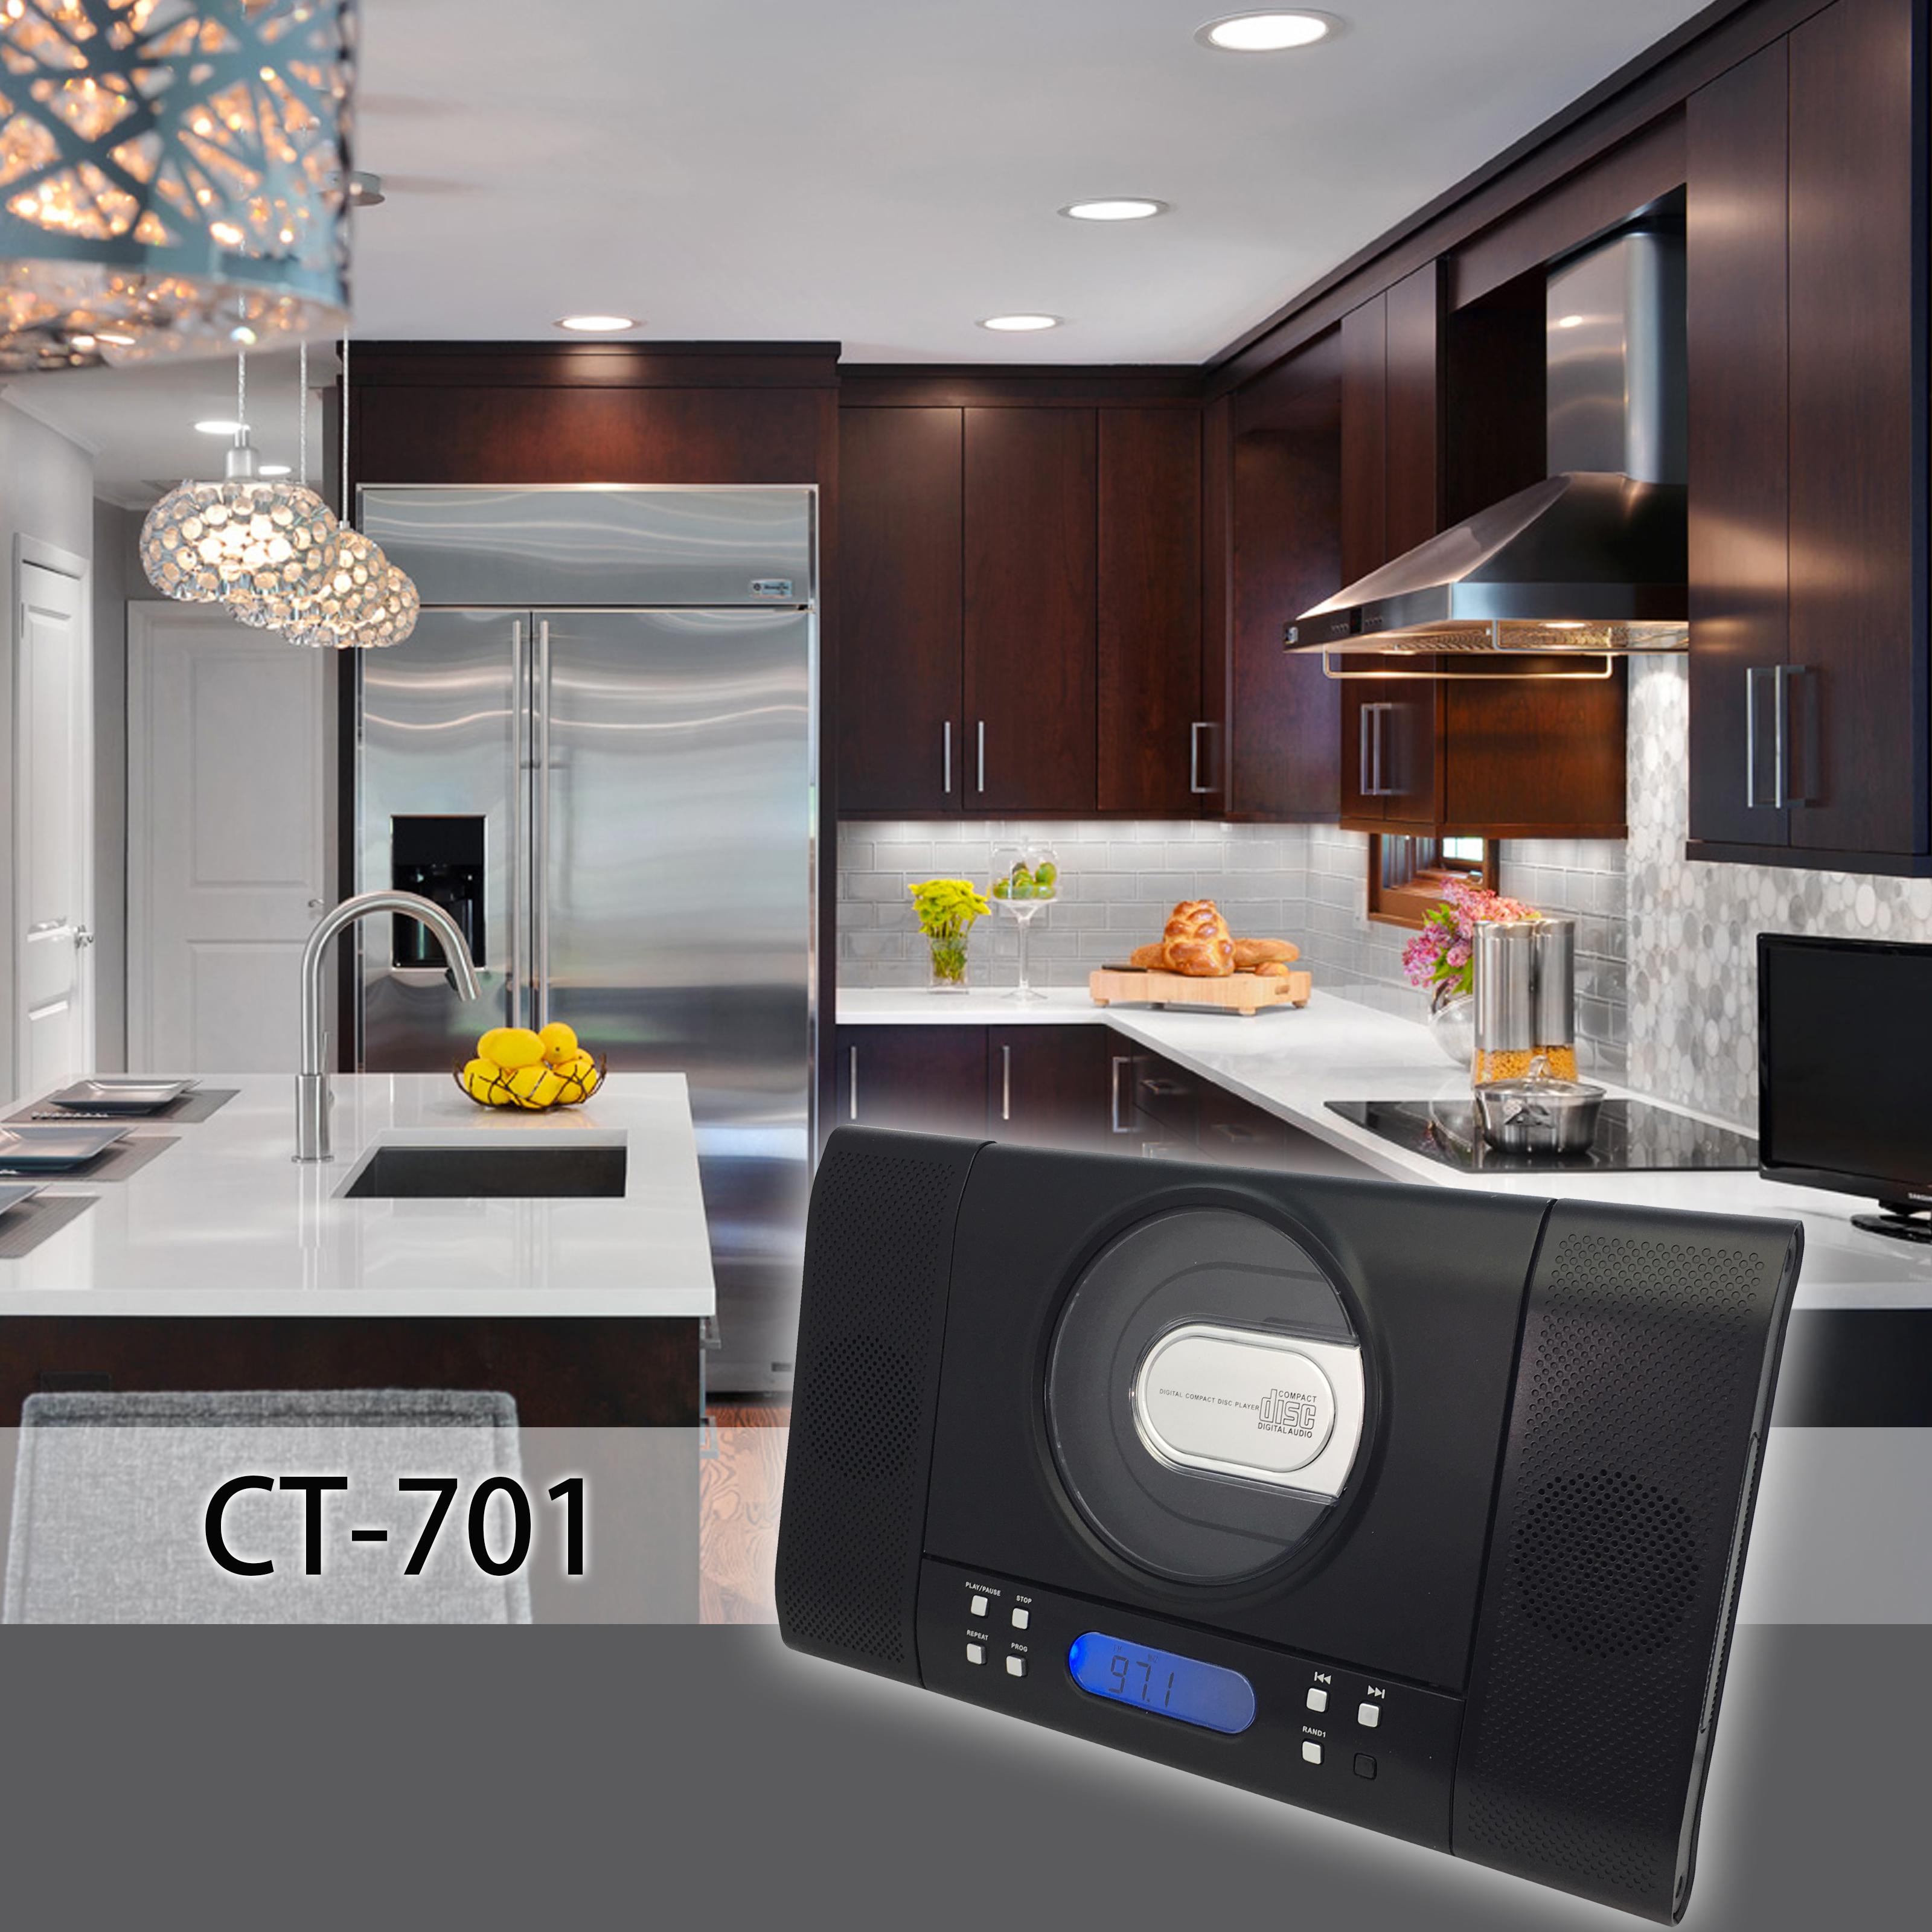 CT-701 kitchen.jpg